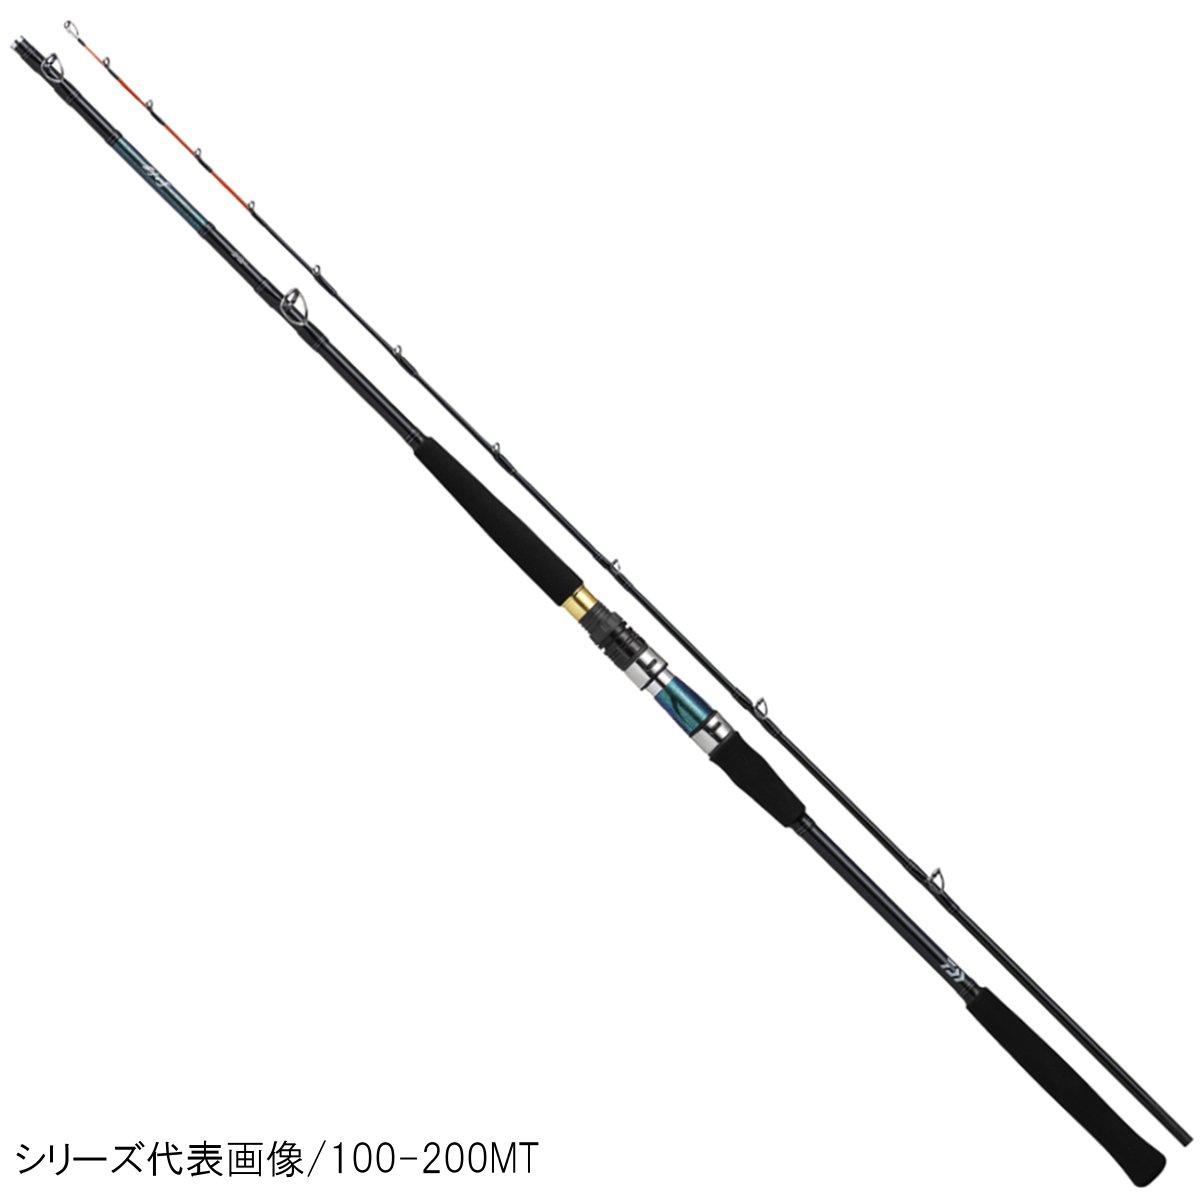 ダイワ 剣崎 MT 120-170MT【送料無料】